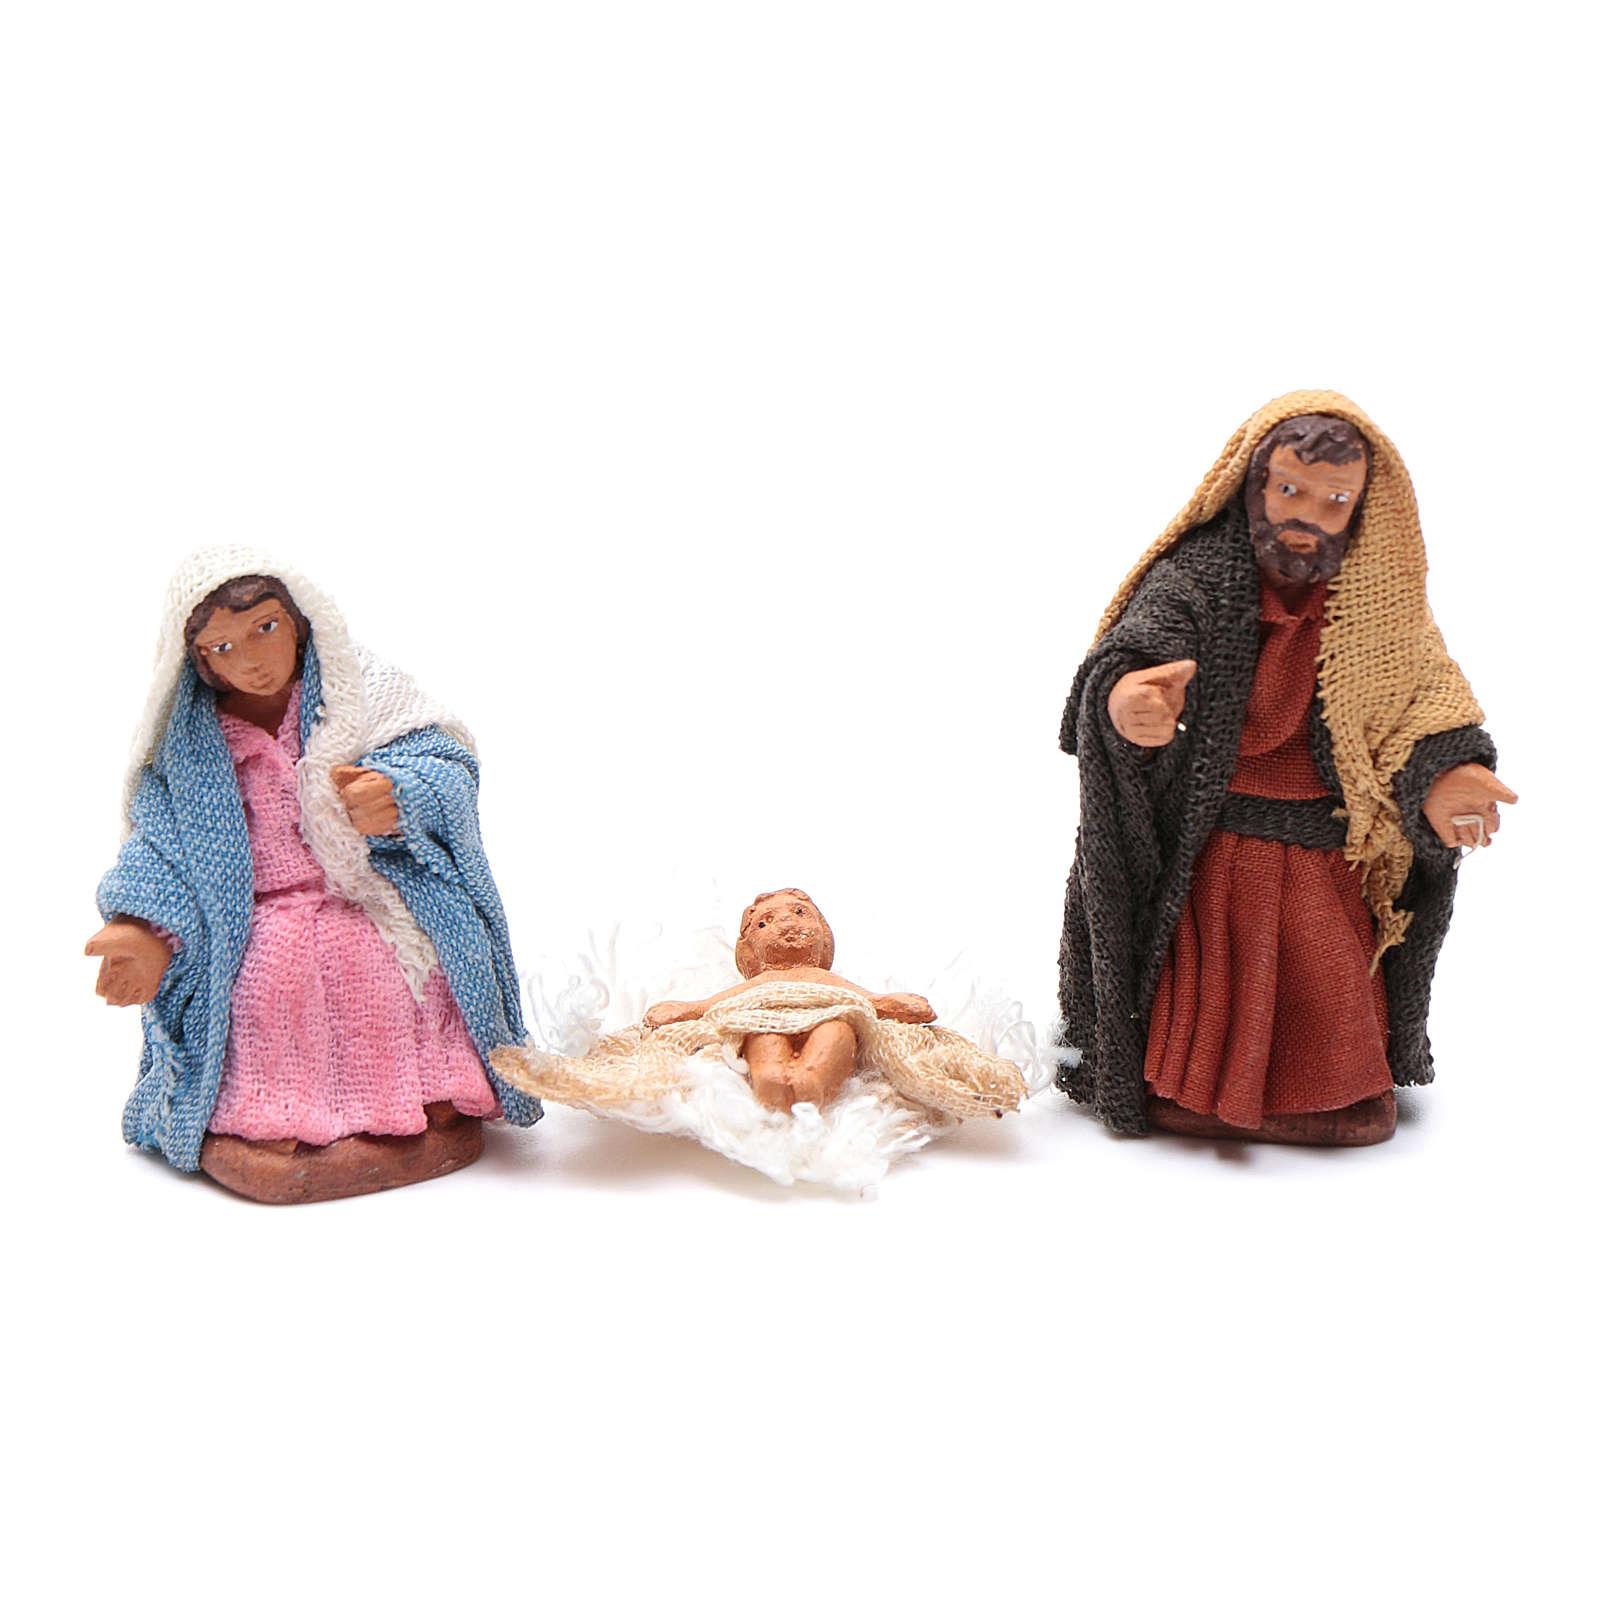 Neapolitan nativity scene kit 10 pieces 5 cm 4